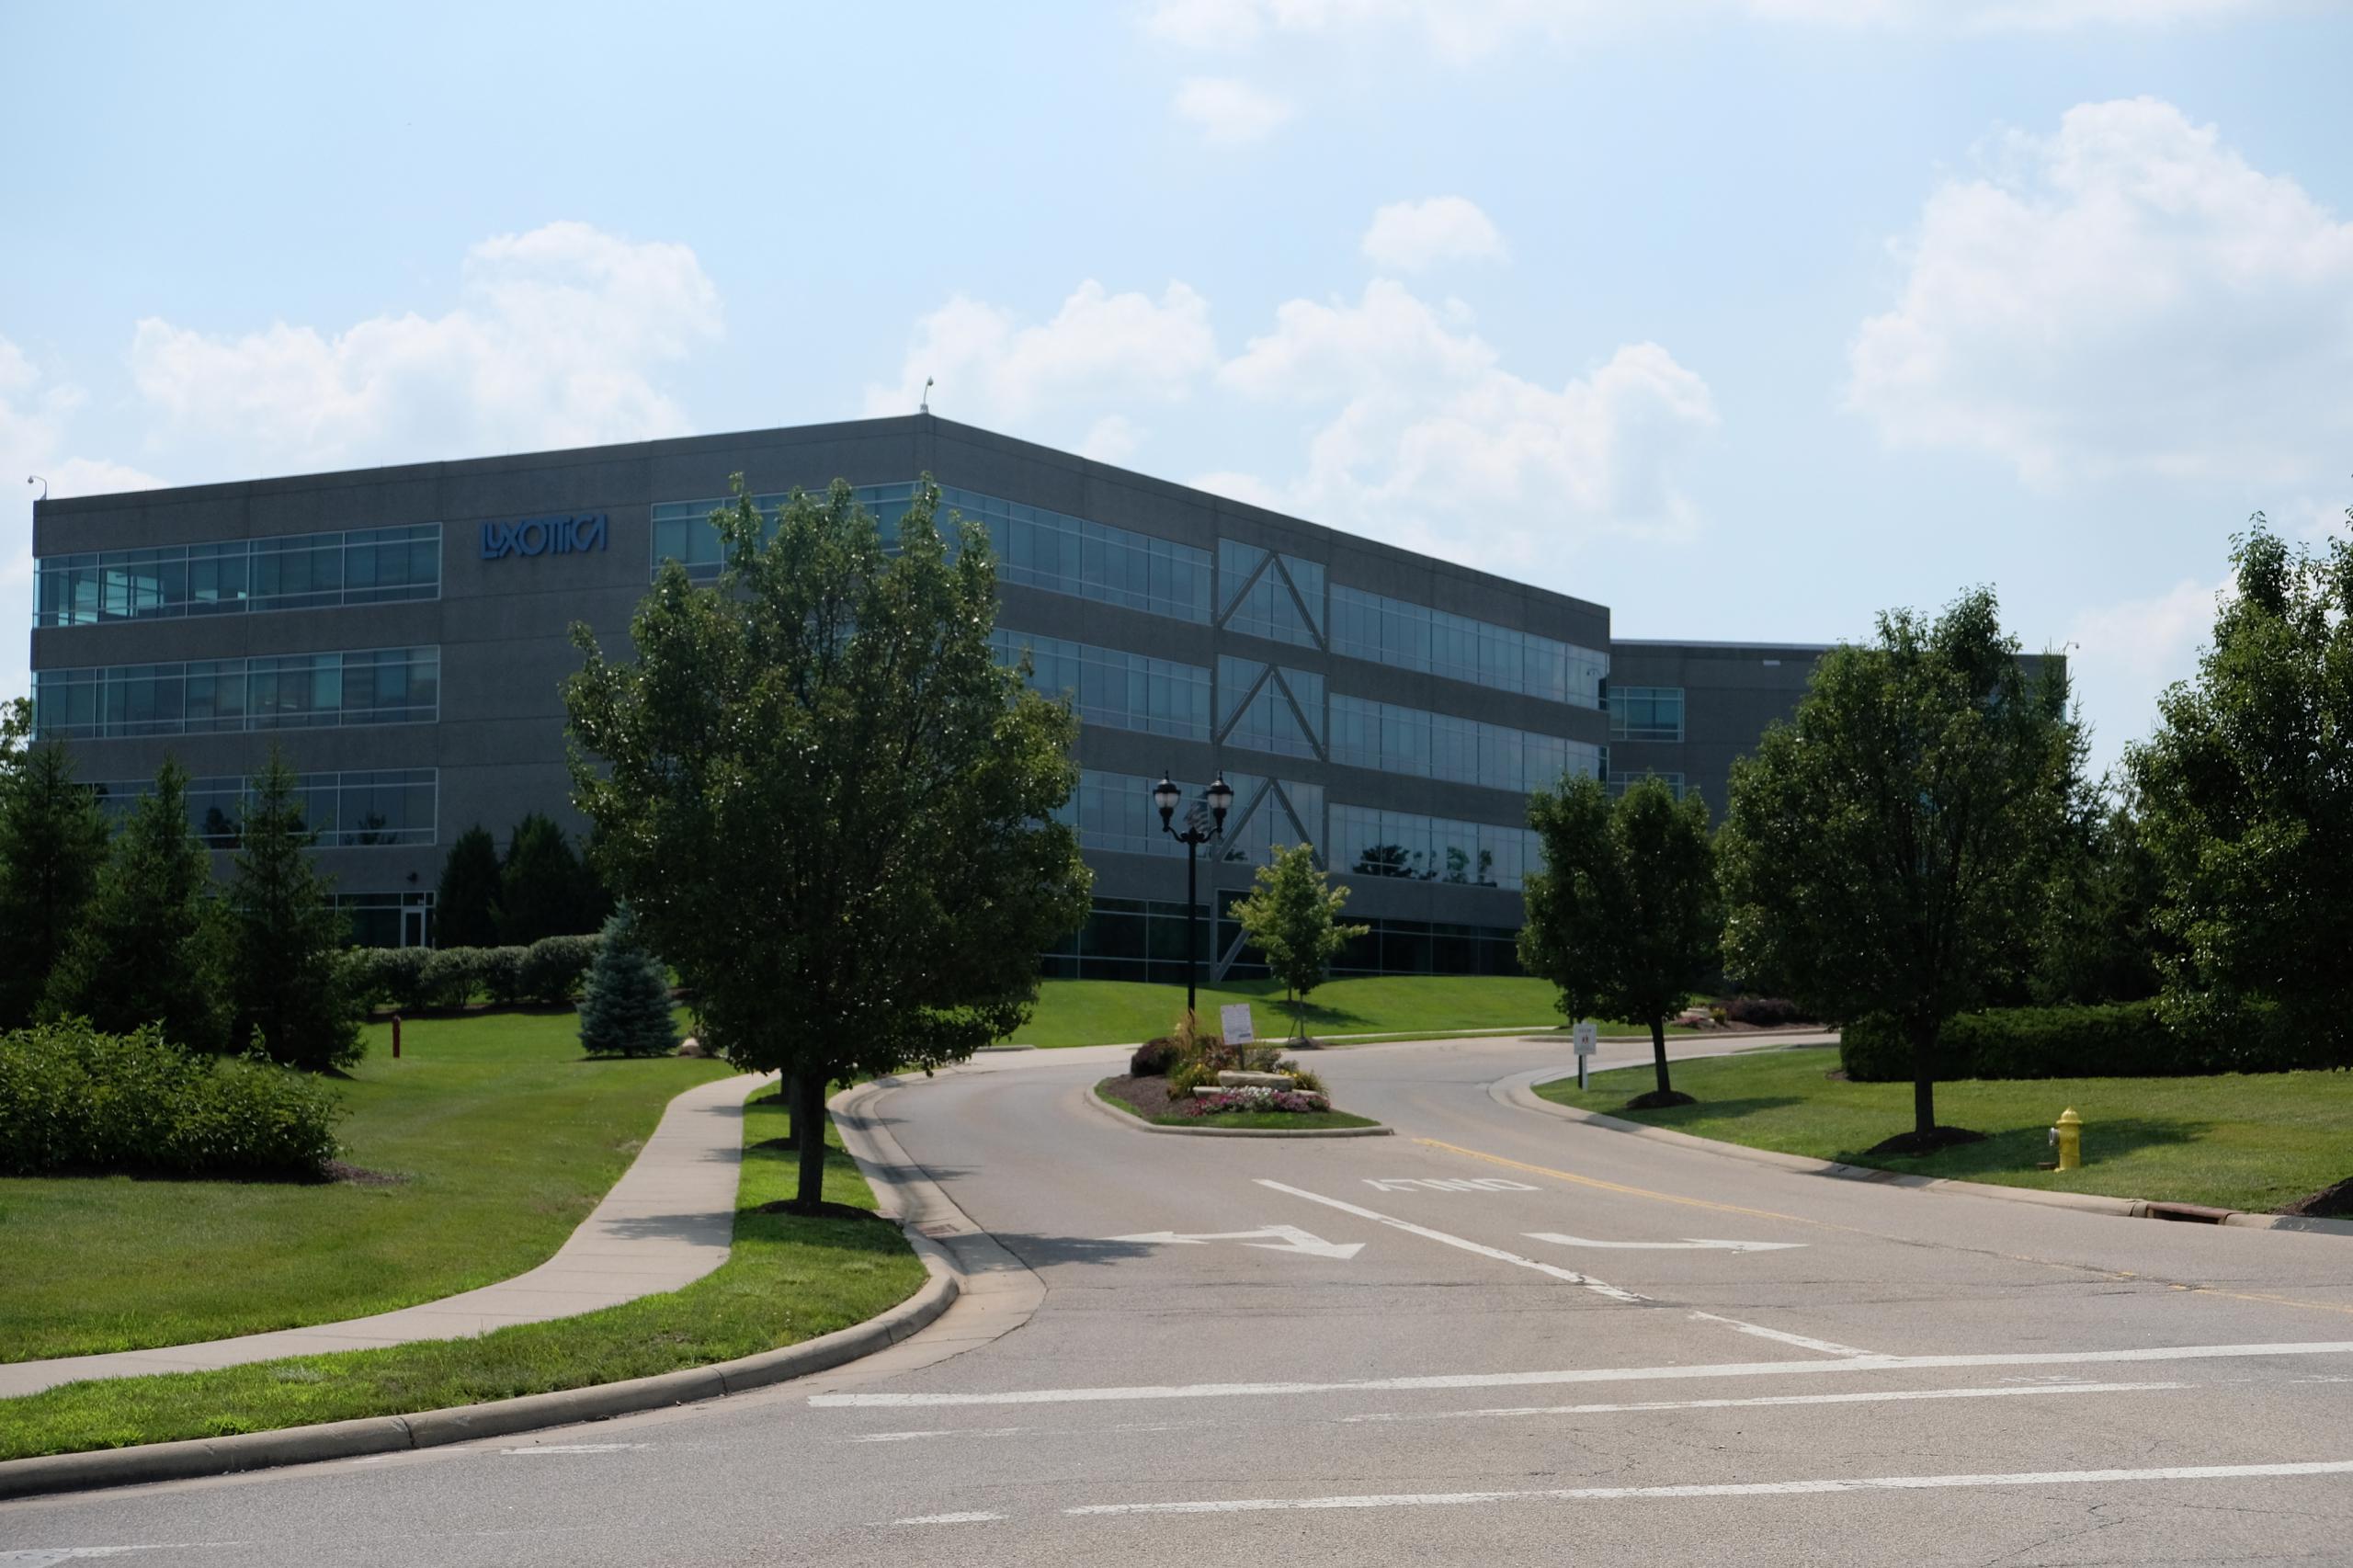 Luxottica's North American headquarters in Mason, Ohio.